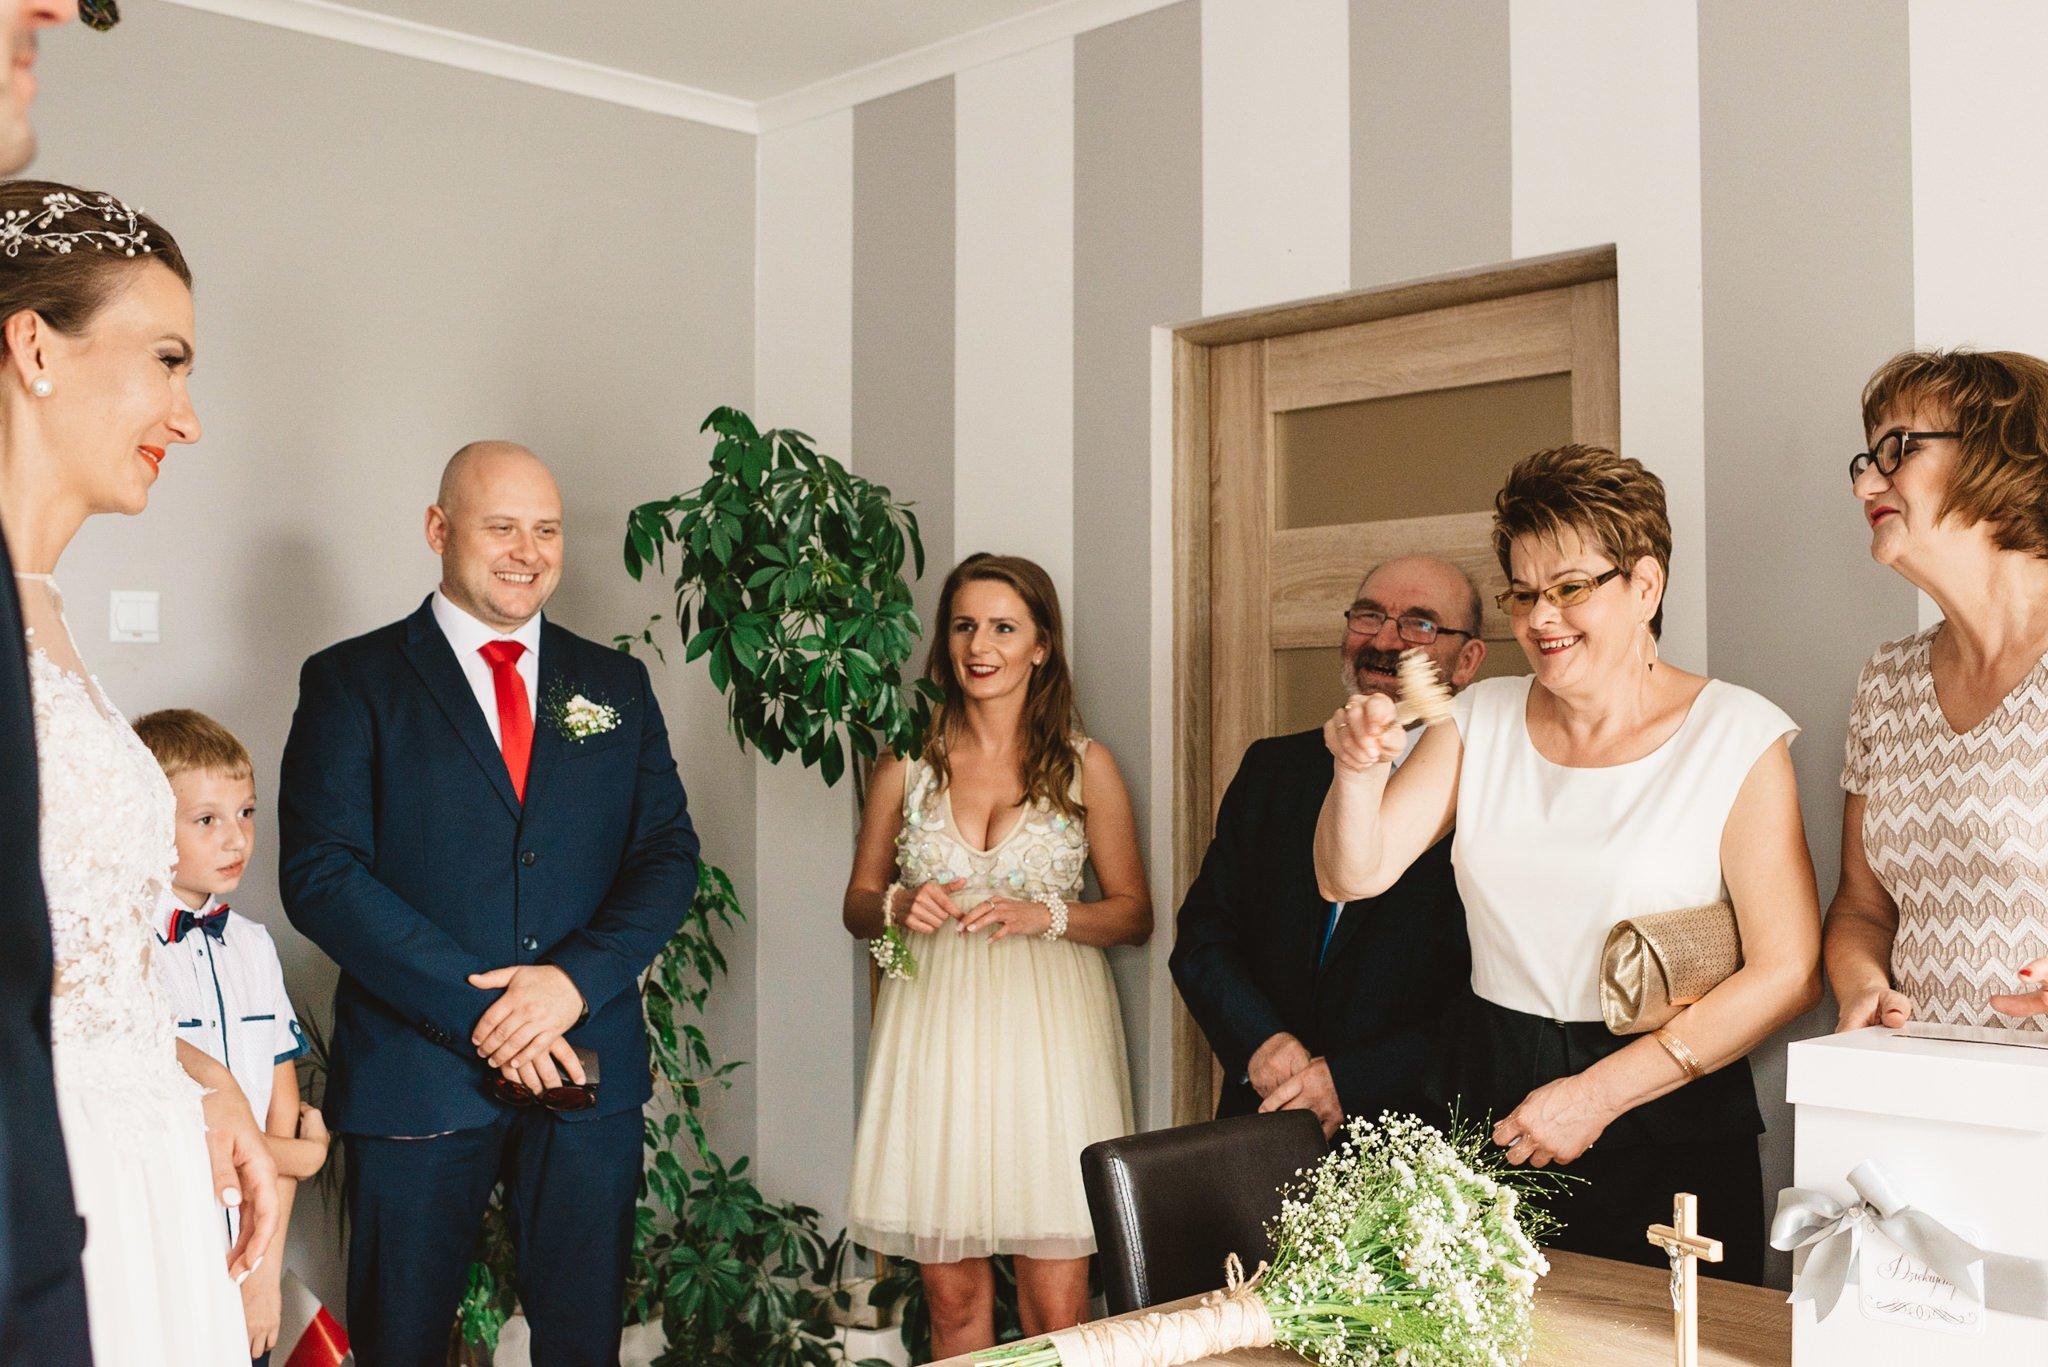 Ala i Arek, czyli jak zorganizować ślub i wesele w 4 tygodnie! 47